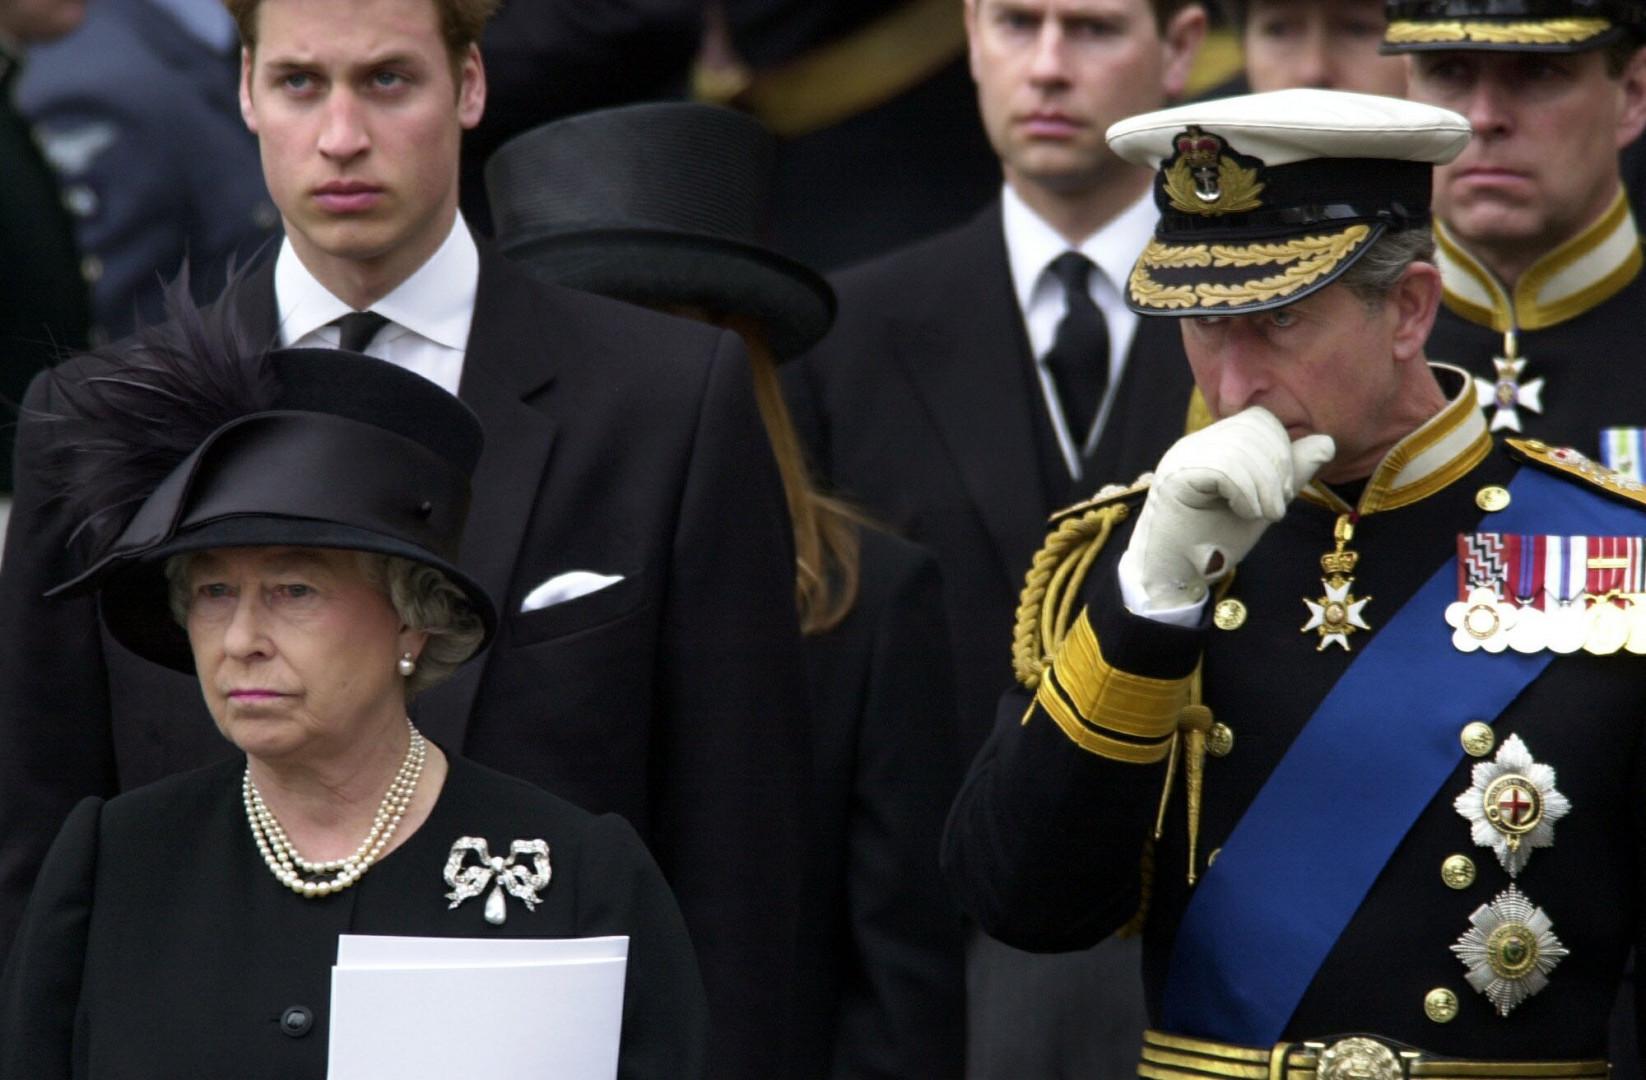 13. La même année, Elizabeth II enterre sa mère. Ici aux funérailles avec son fils et son petit-fils le 8 avril 2002